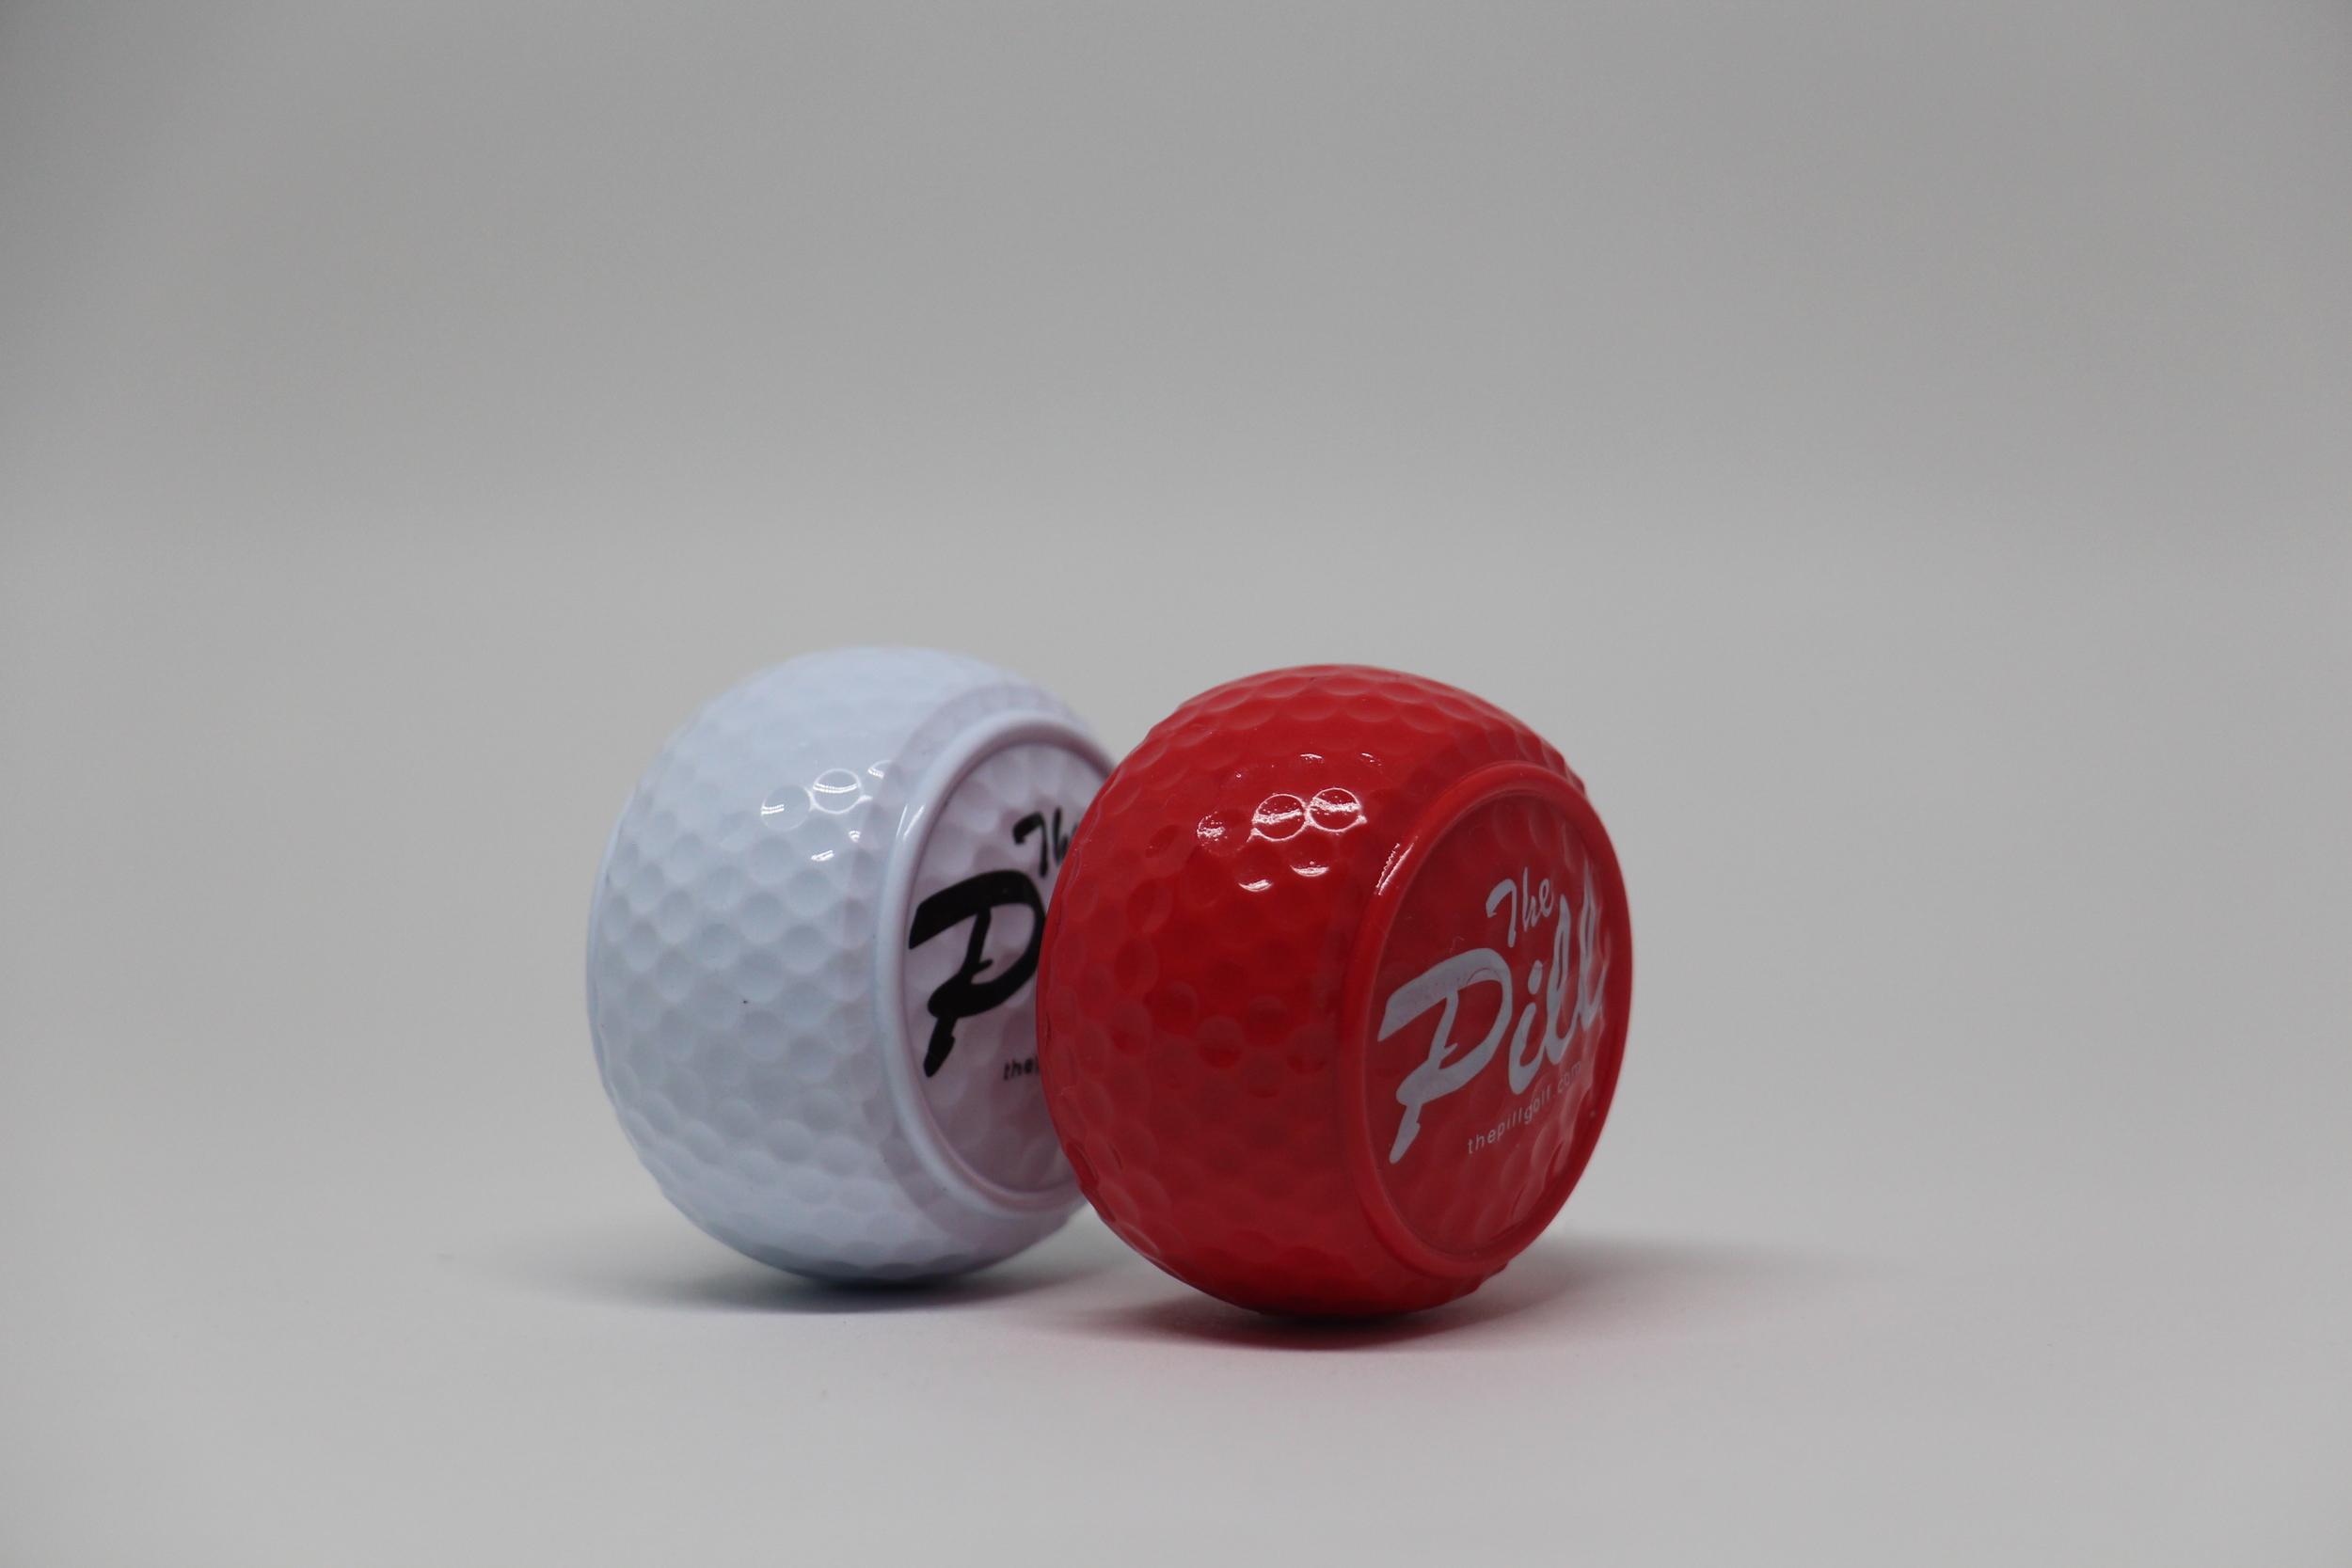 The-Pill-Golf_Training-Aid_Golf-Digest-Editors-Pick-Winner.jpg